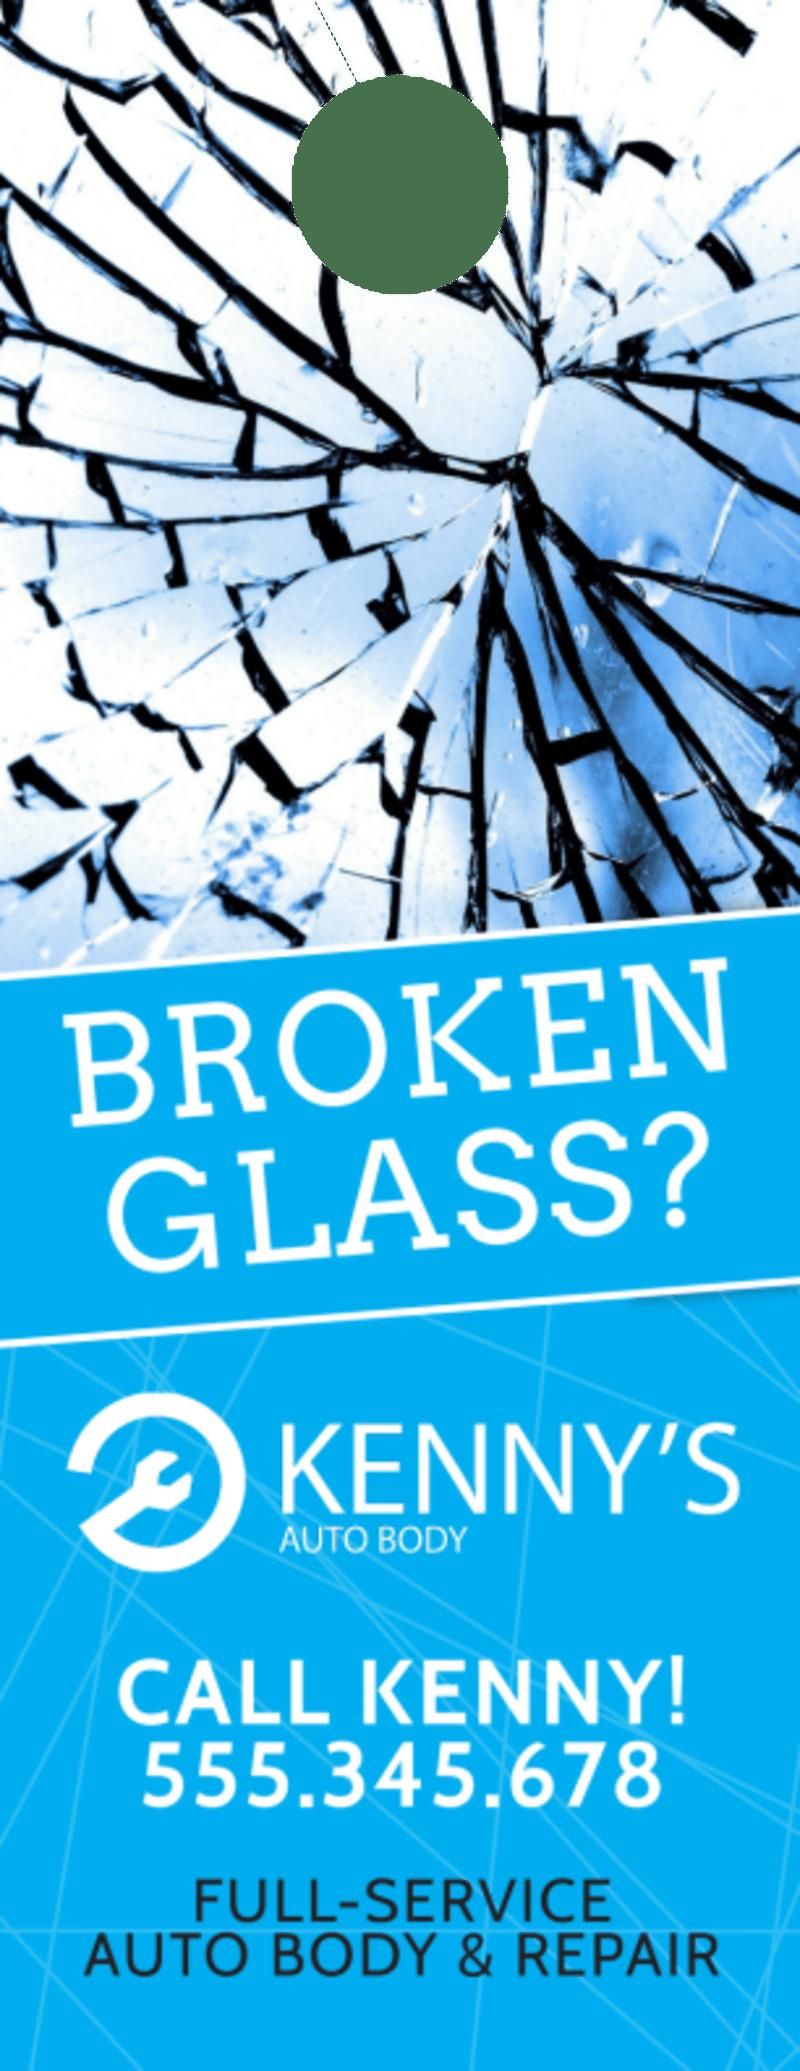 Broken Glass Auto Repair Door Hanger Template Preview 2